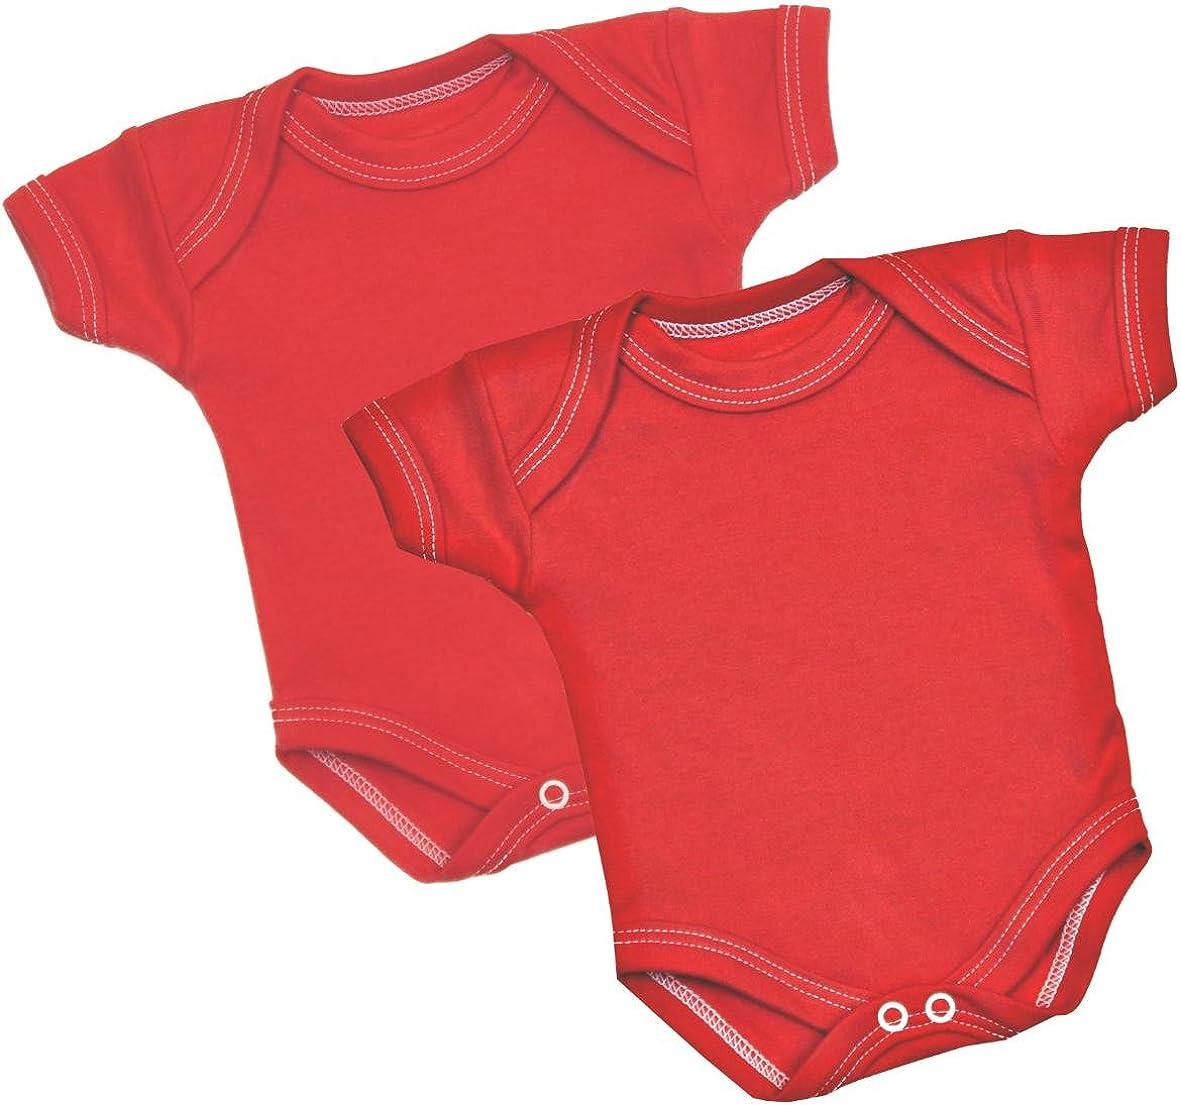 BabyPrem Fr/ühchen Kleine Fr/ühgeborene Baby Kleidung 2 Bodies Body Jungen M/ädchen Einfarbig 0-50 cm